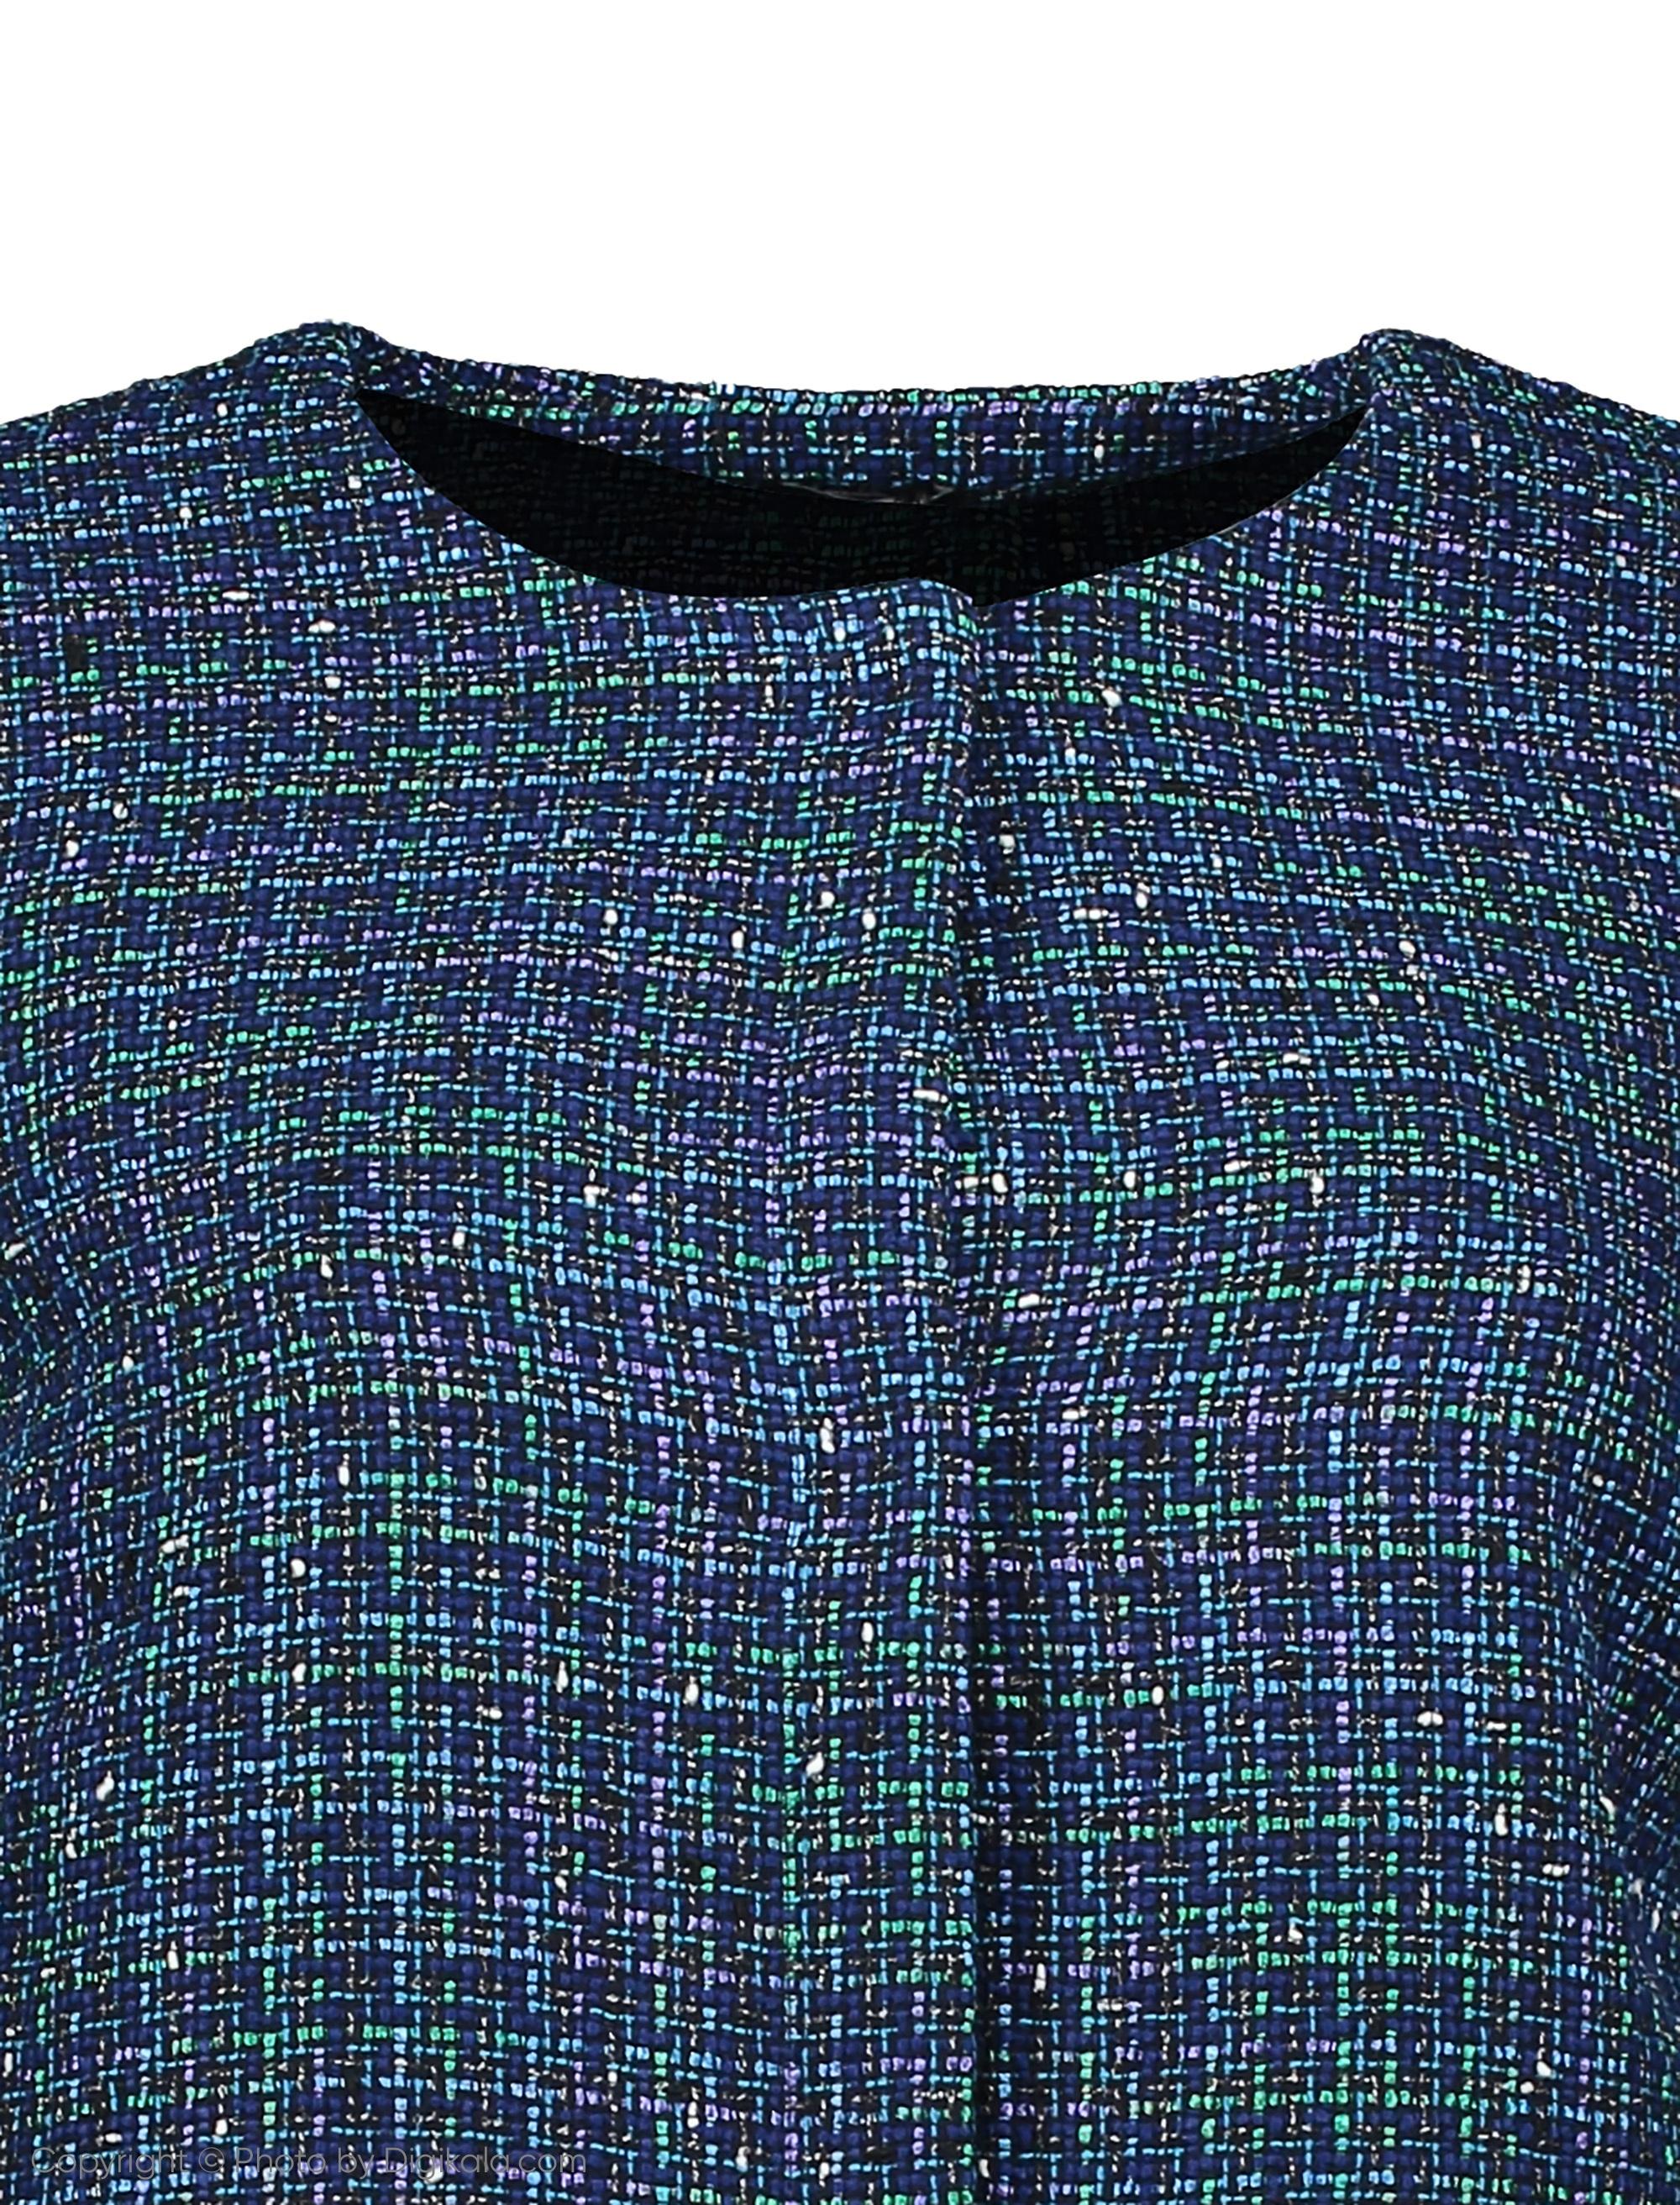 کت نخی کوتاه زنانه - یوپیم - آبي و سبز - 4